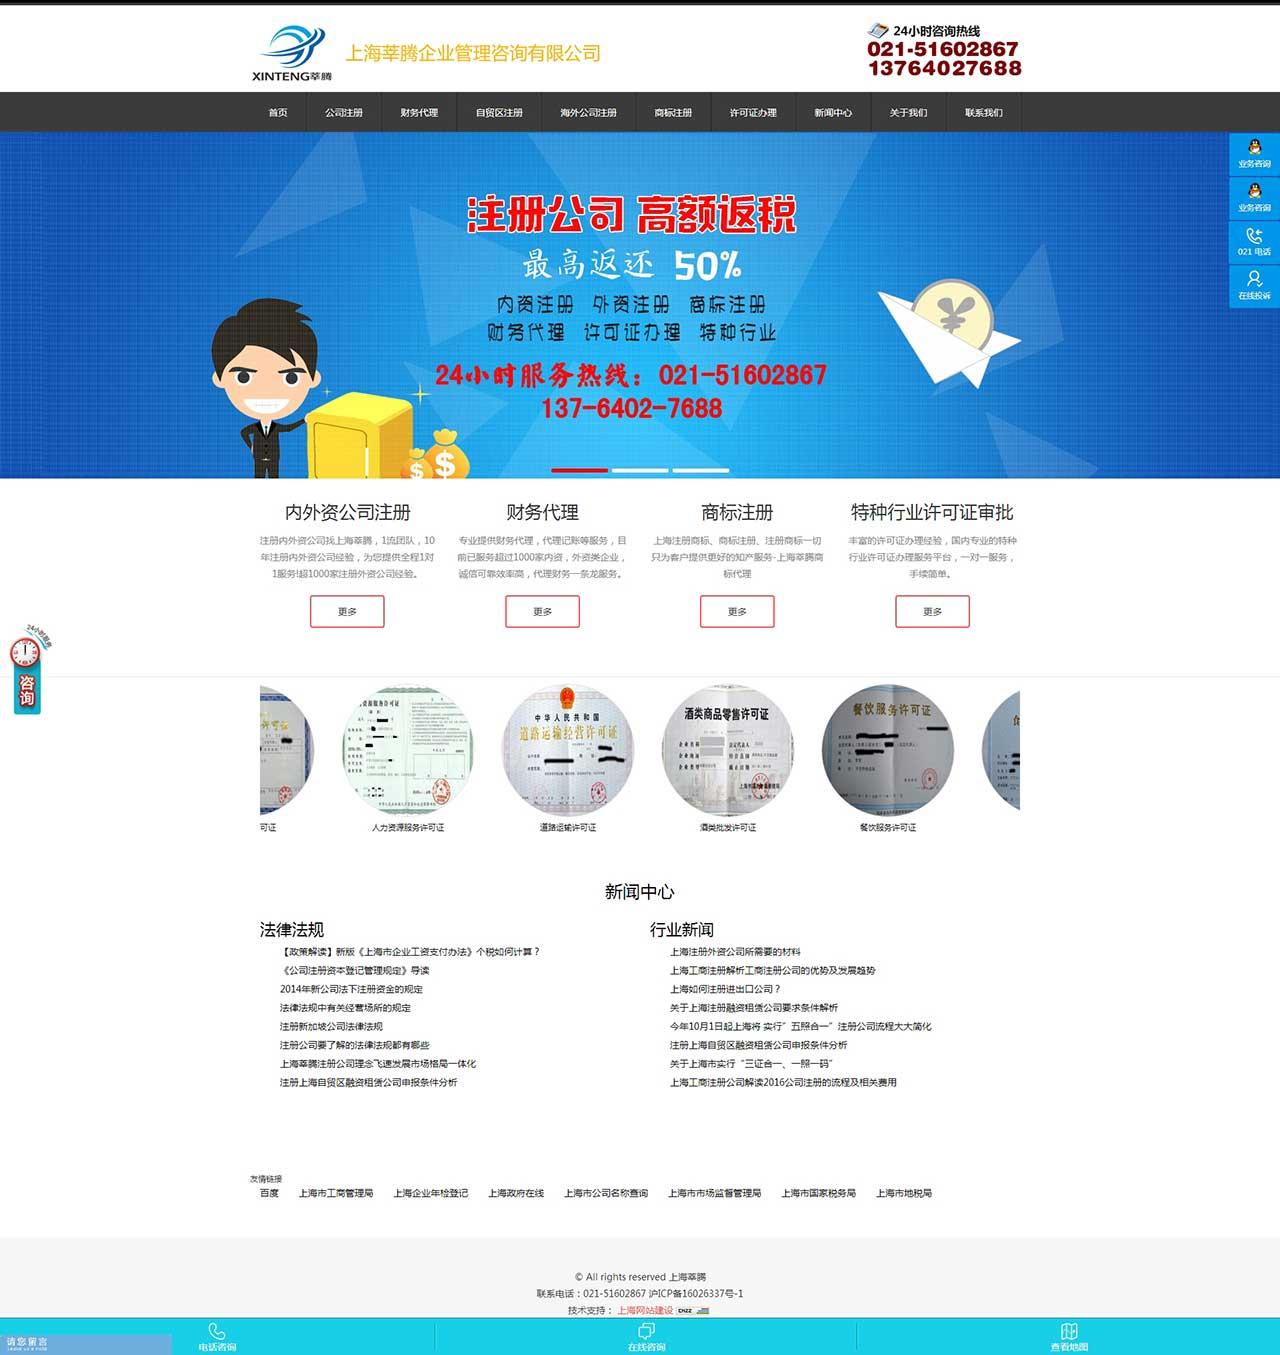 上海莘腾企业管理咨询有限公司